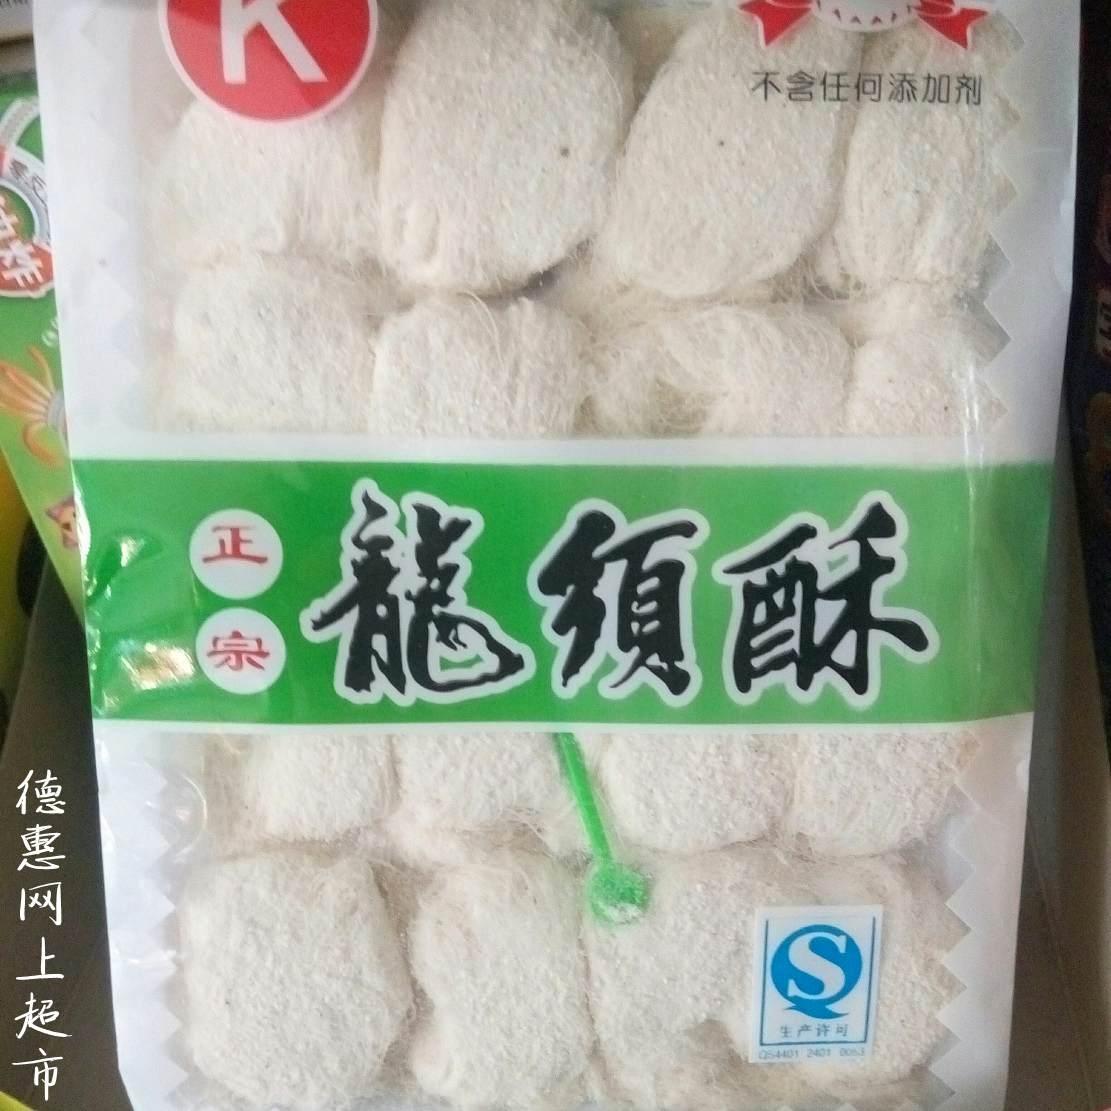 龙须酥 港味香正宗袋装高粱龙须酥中华传统特产零食 全场40元免邮